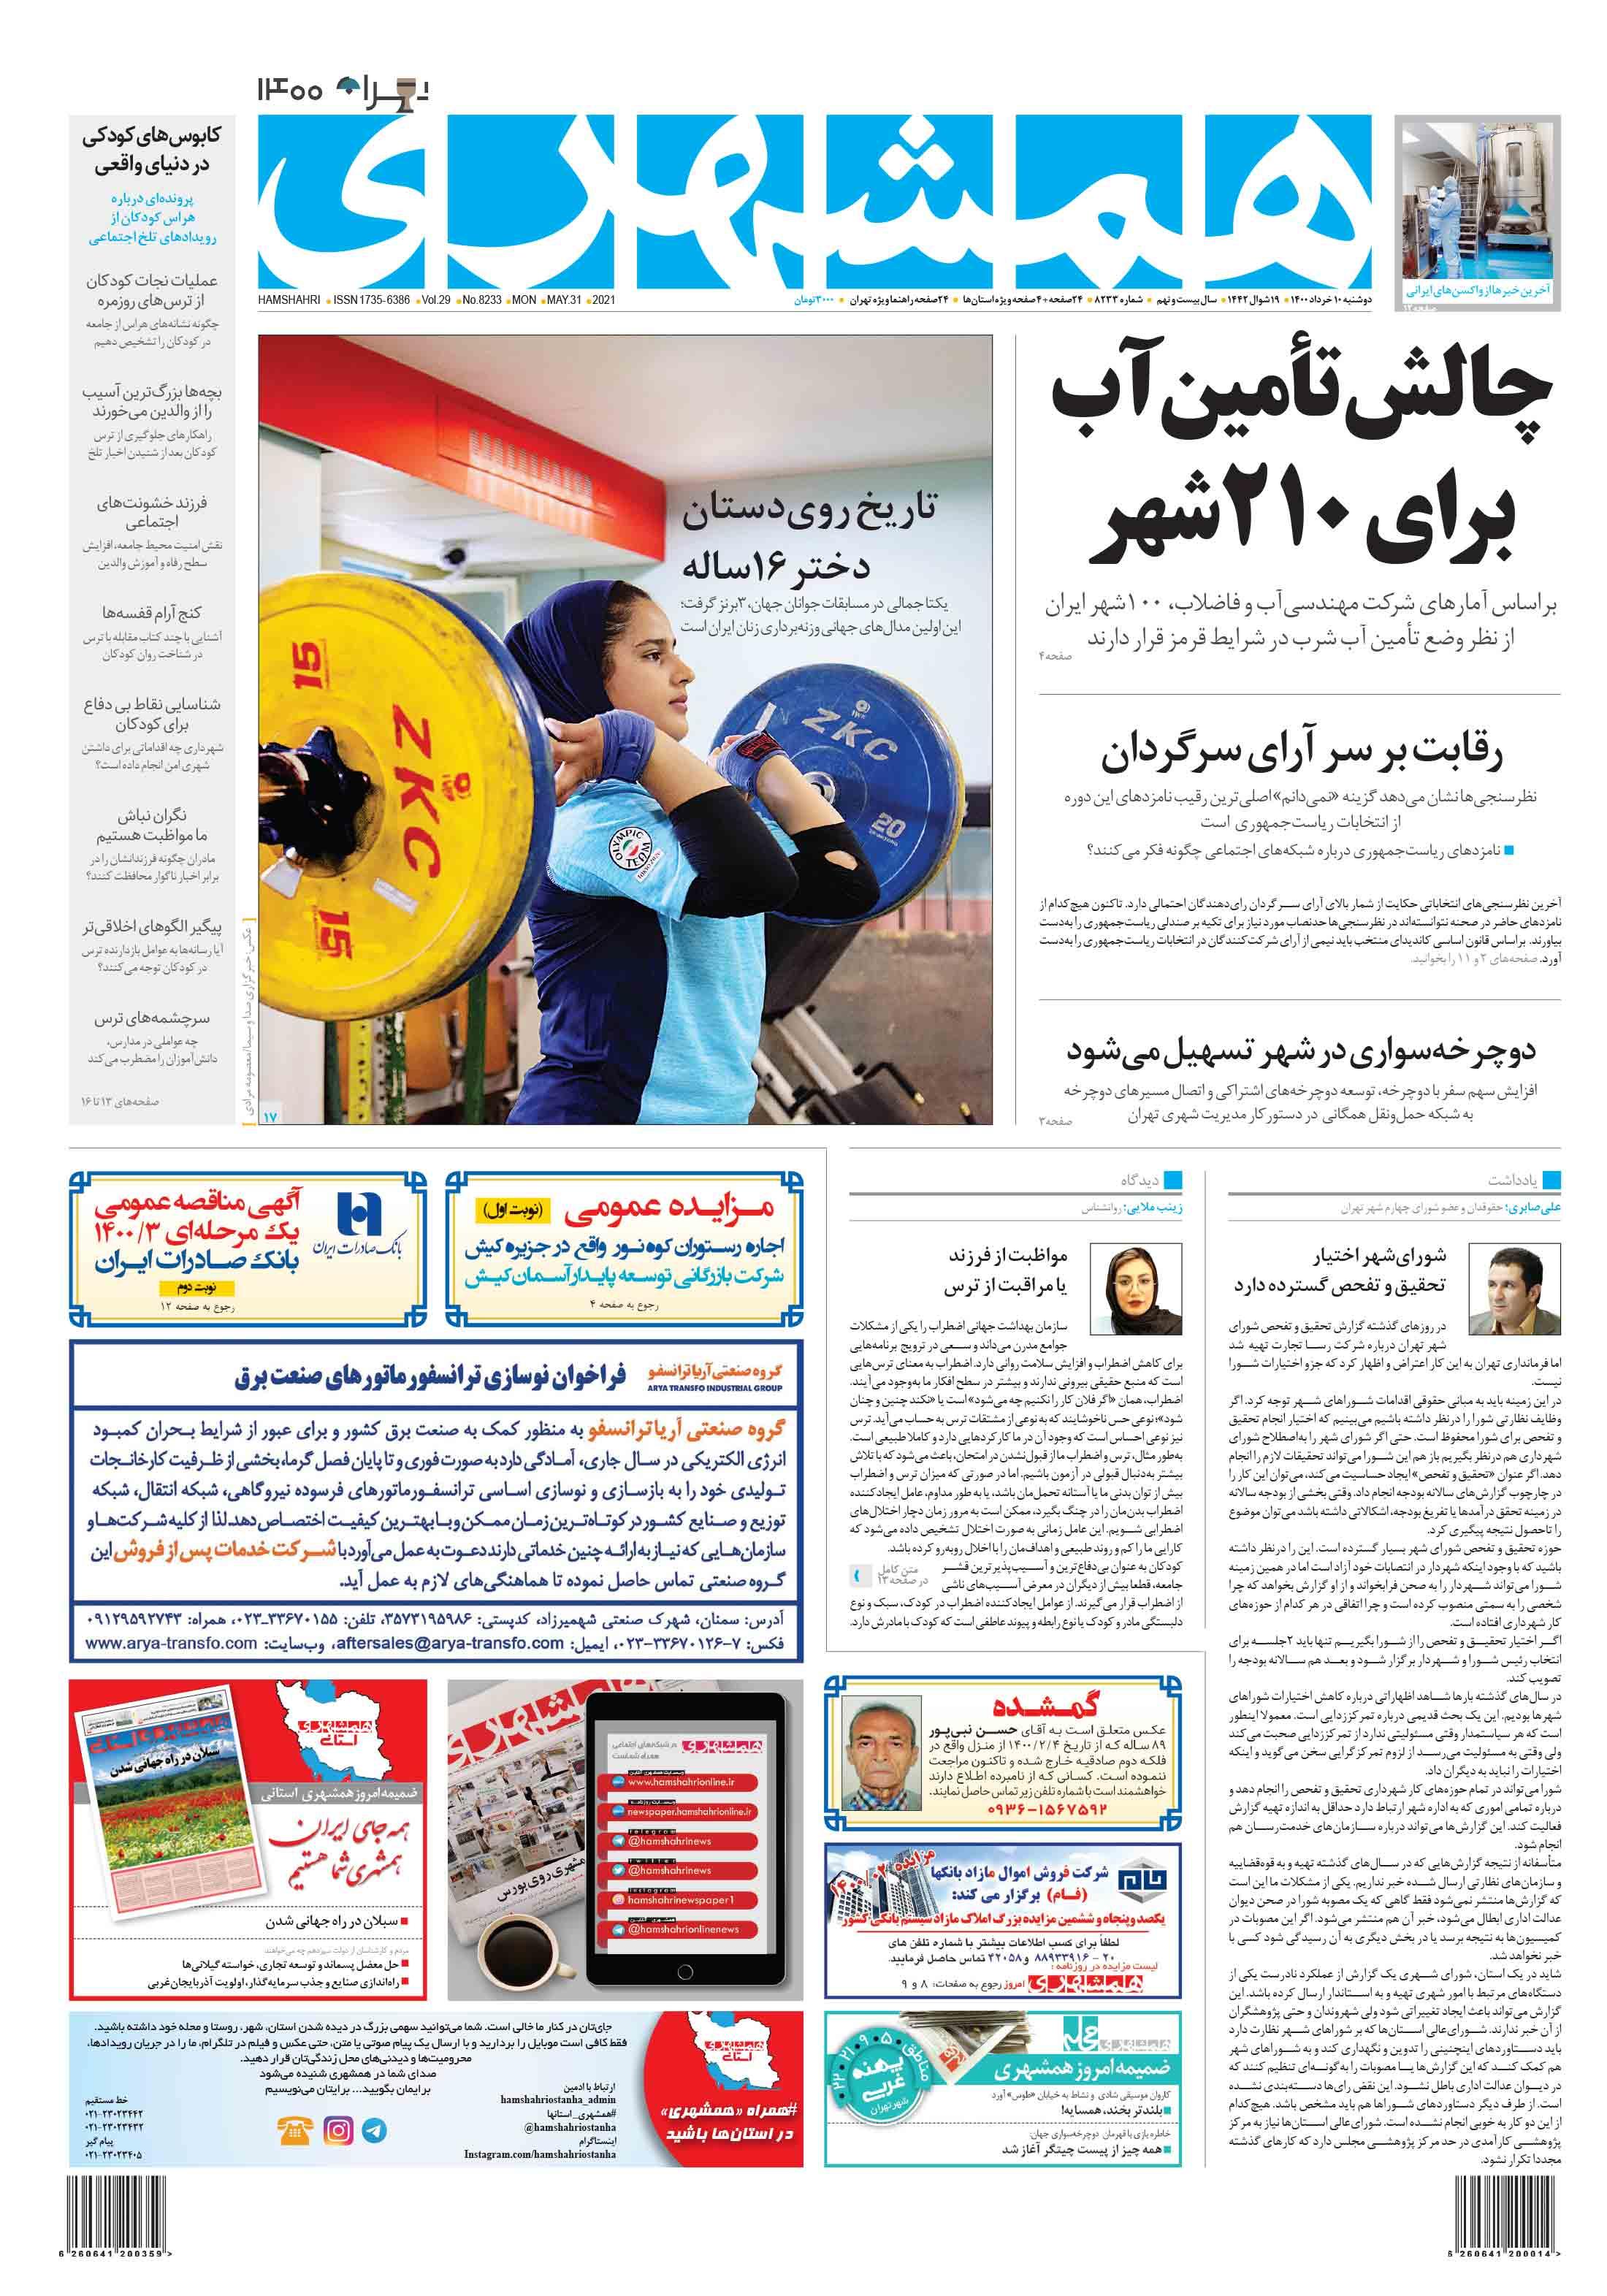 صفحه اول دوشنبه 10 خرداد 1400